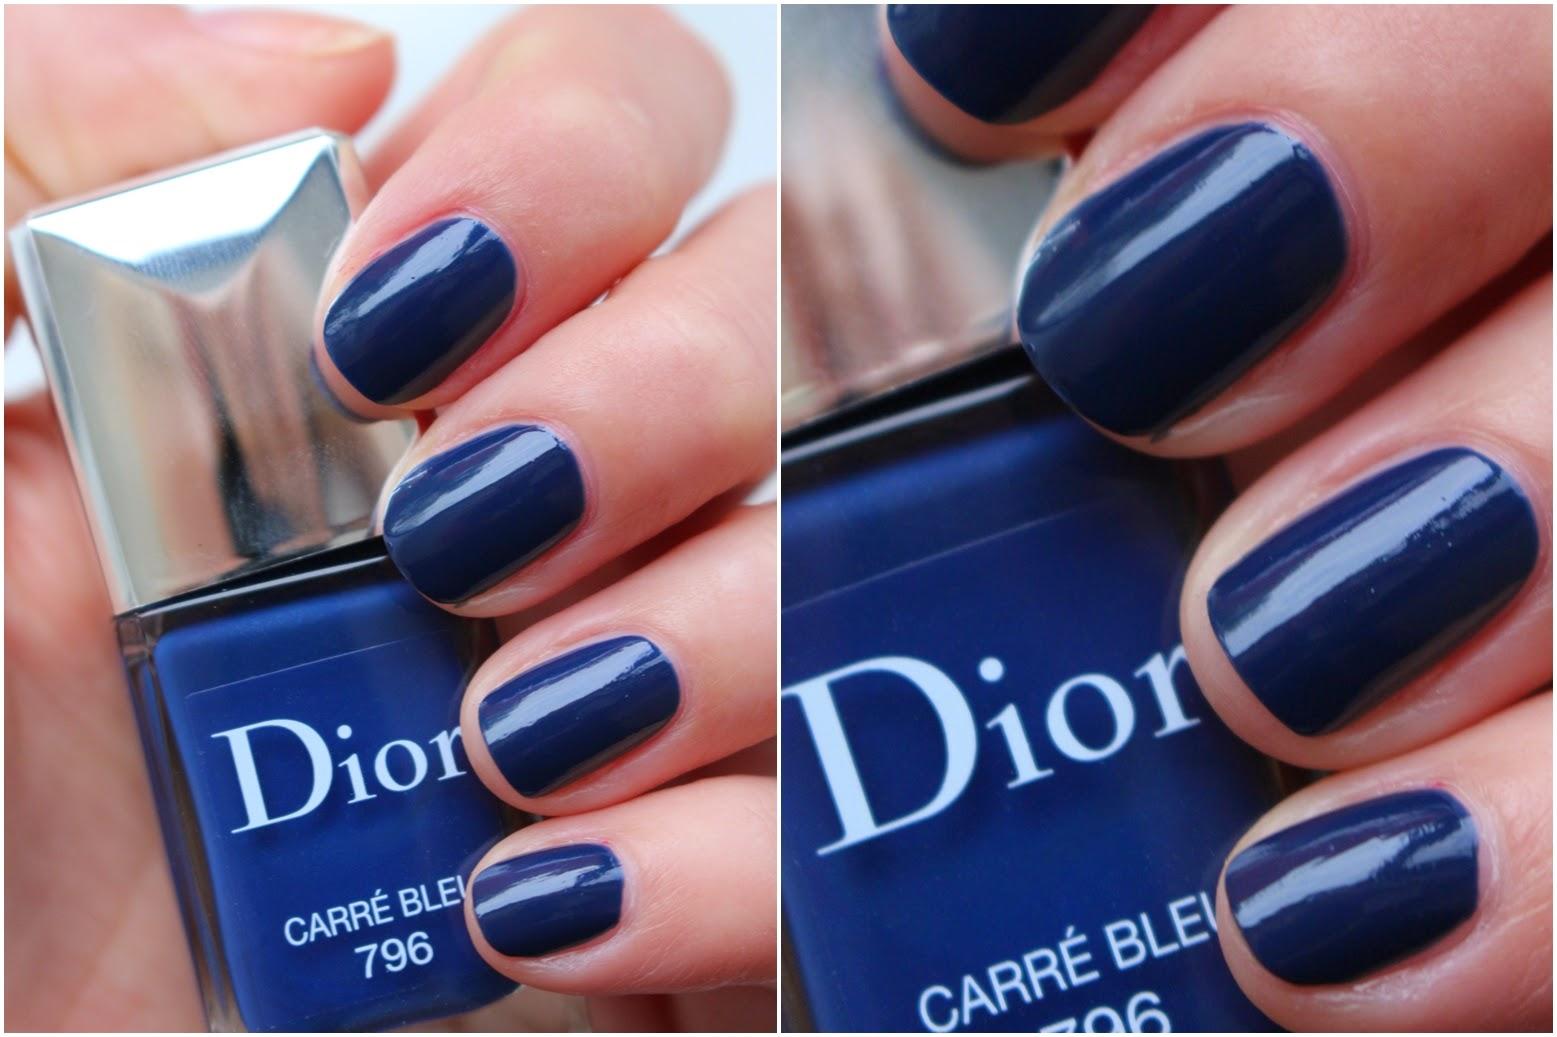 Dior Vernis 796 Carré Bleu